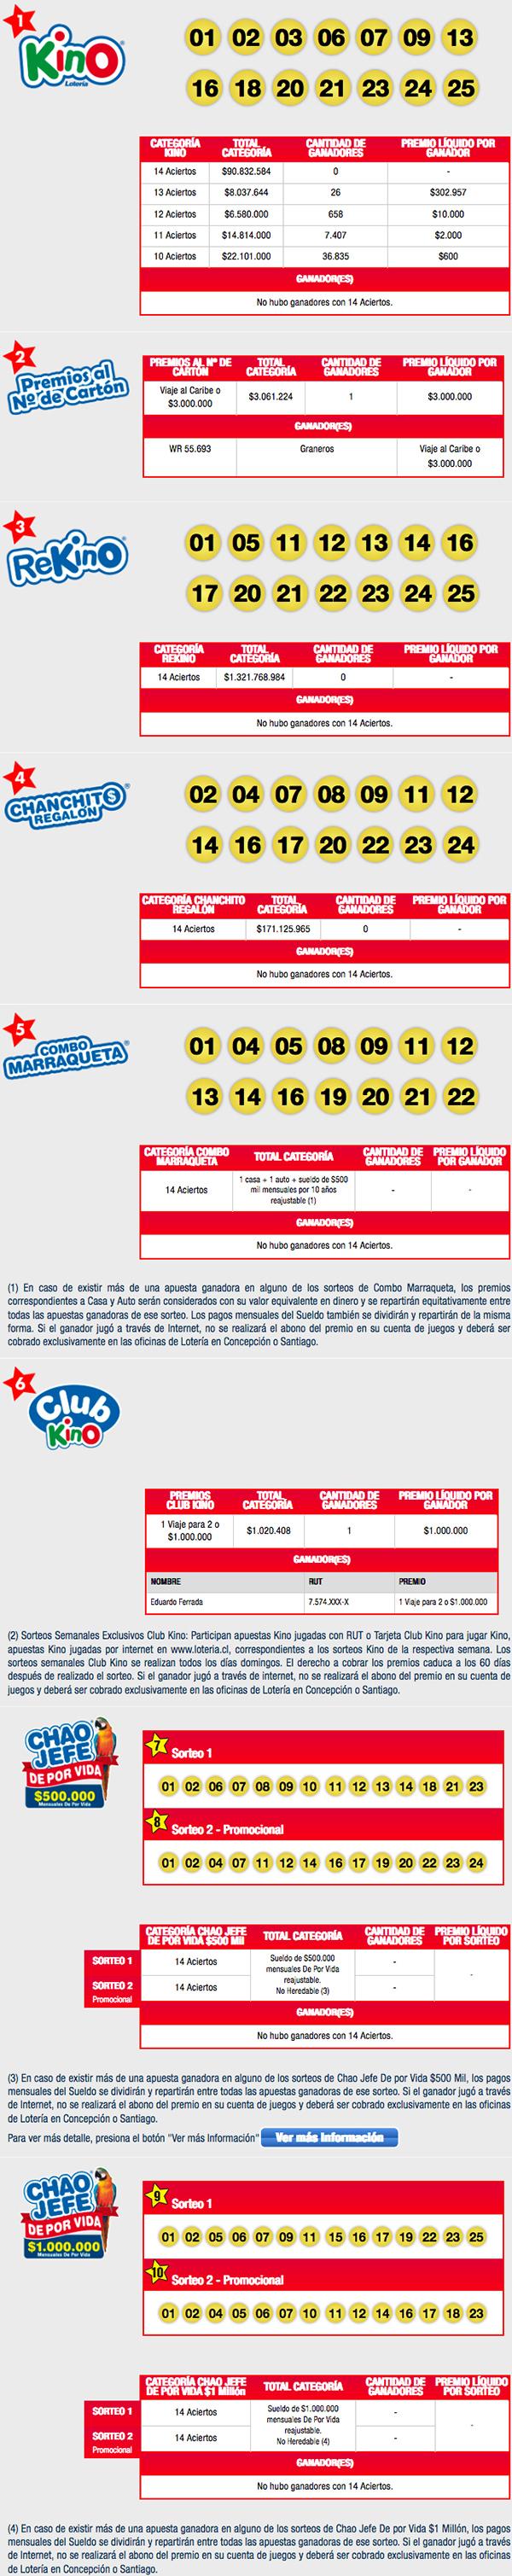 Resultados Kino Chile Sorteo 2095